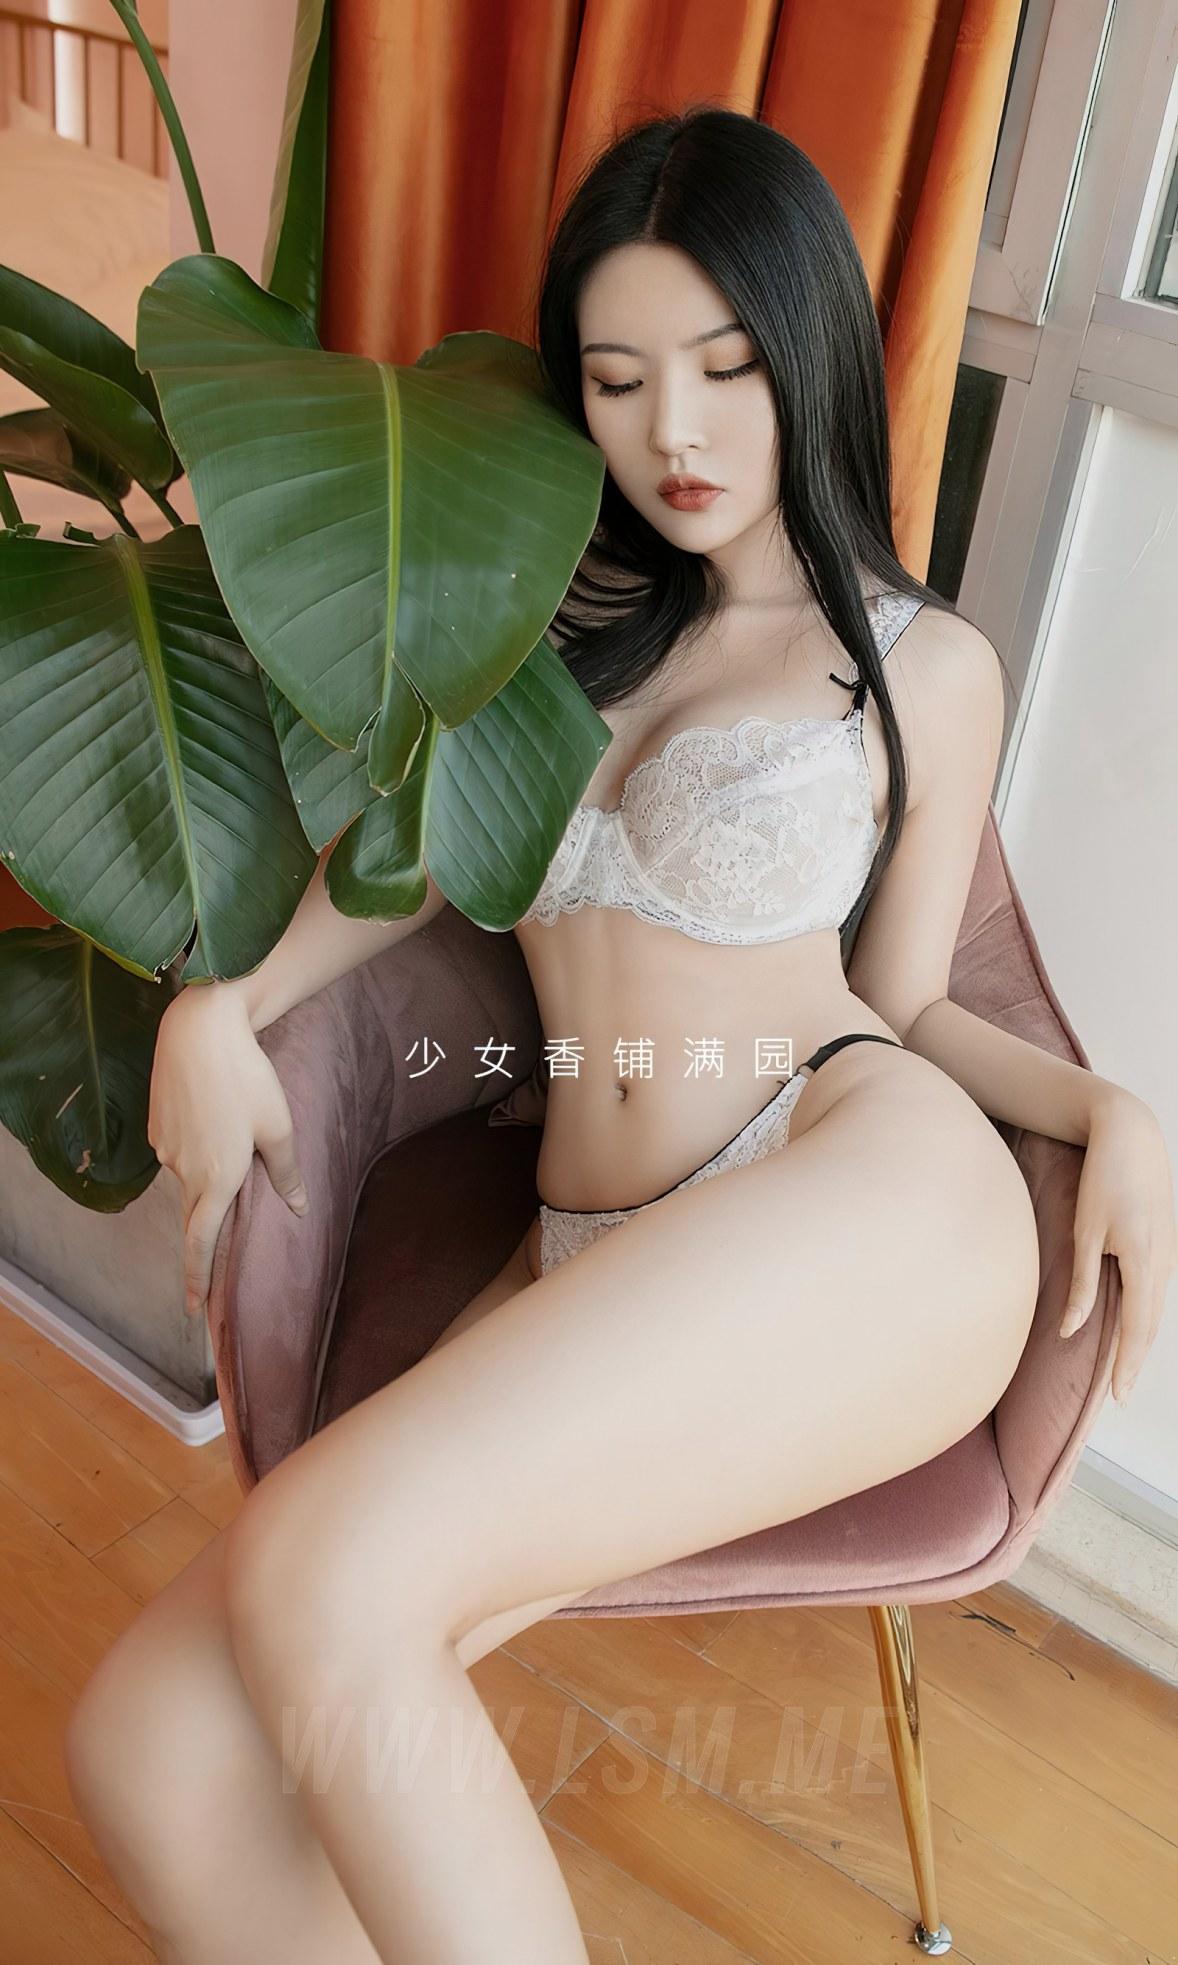 UGirls 爱尤物 No.2027 夏夏 怀春观夏 - 2